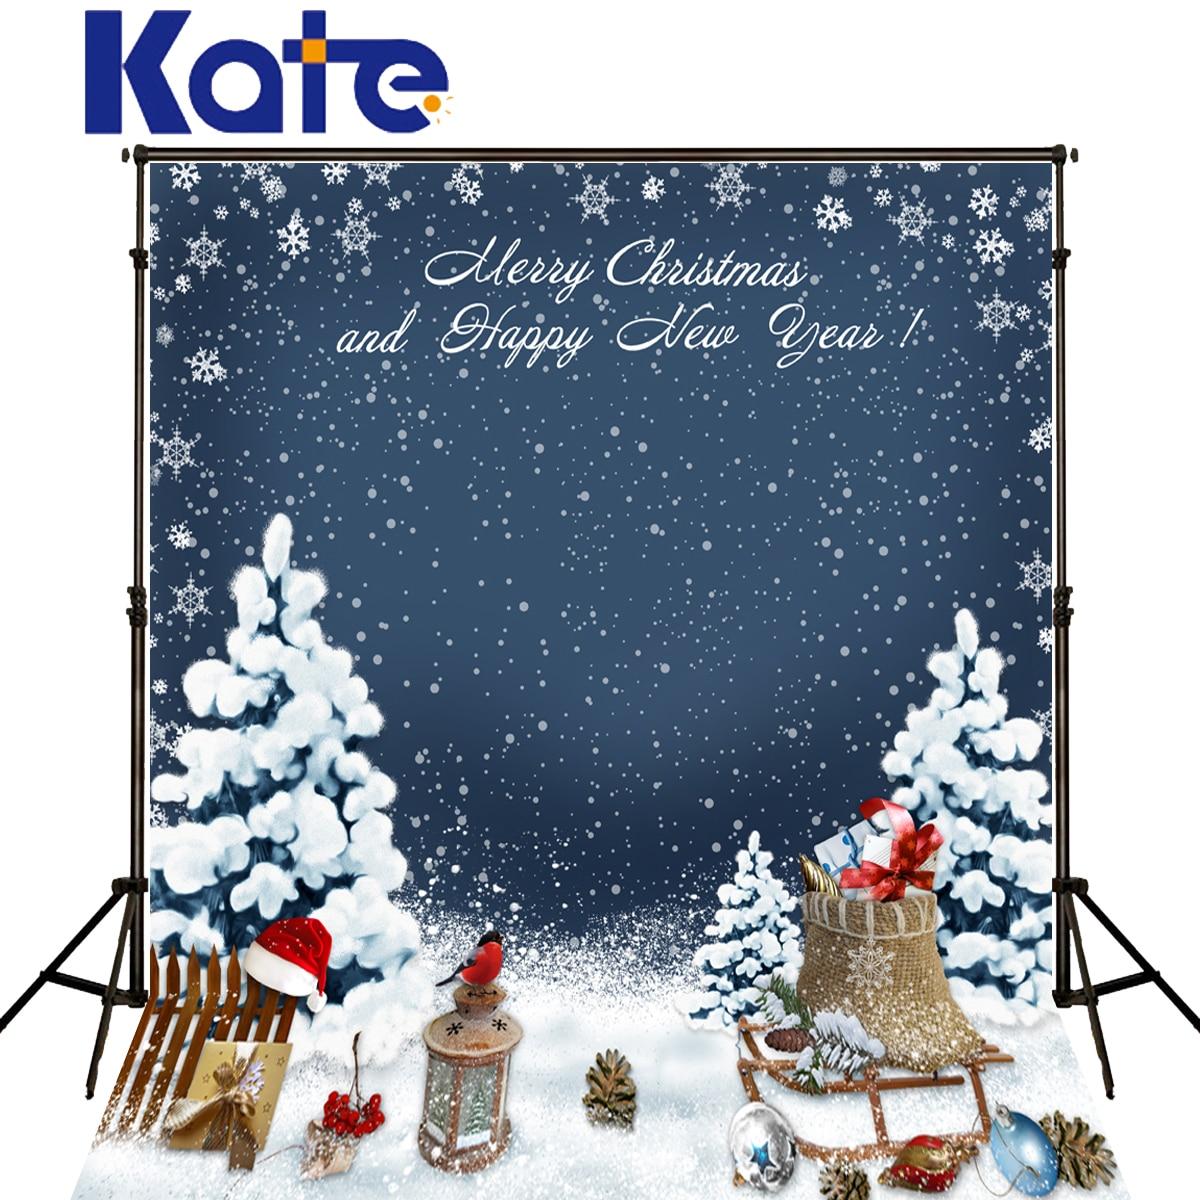 Kate joyeux noël toile de fond photographie rouge chapeau neige chute traîneau hiver bleu fond photographique pour Studio Photo J02151